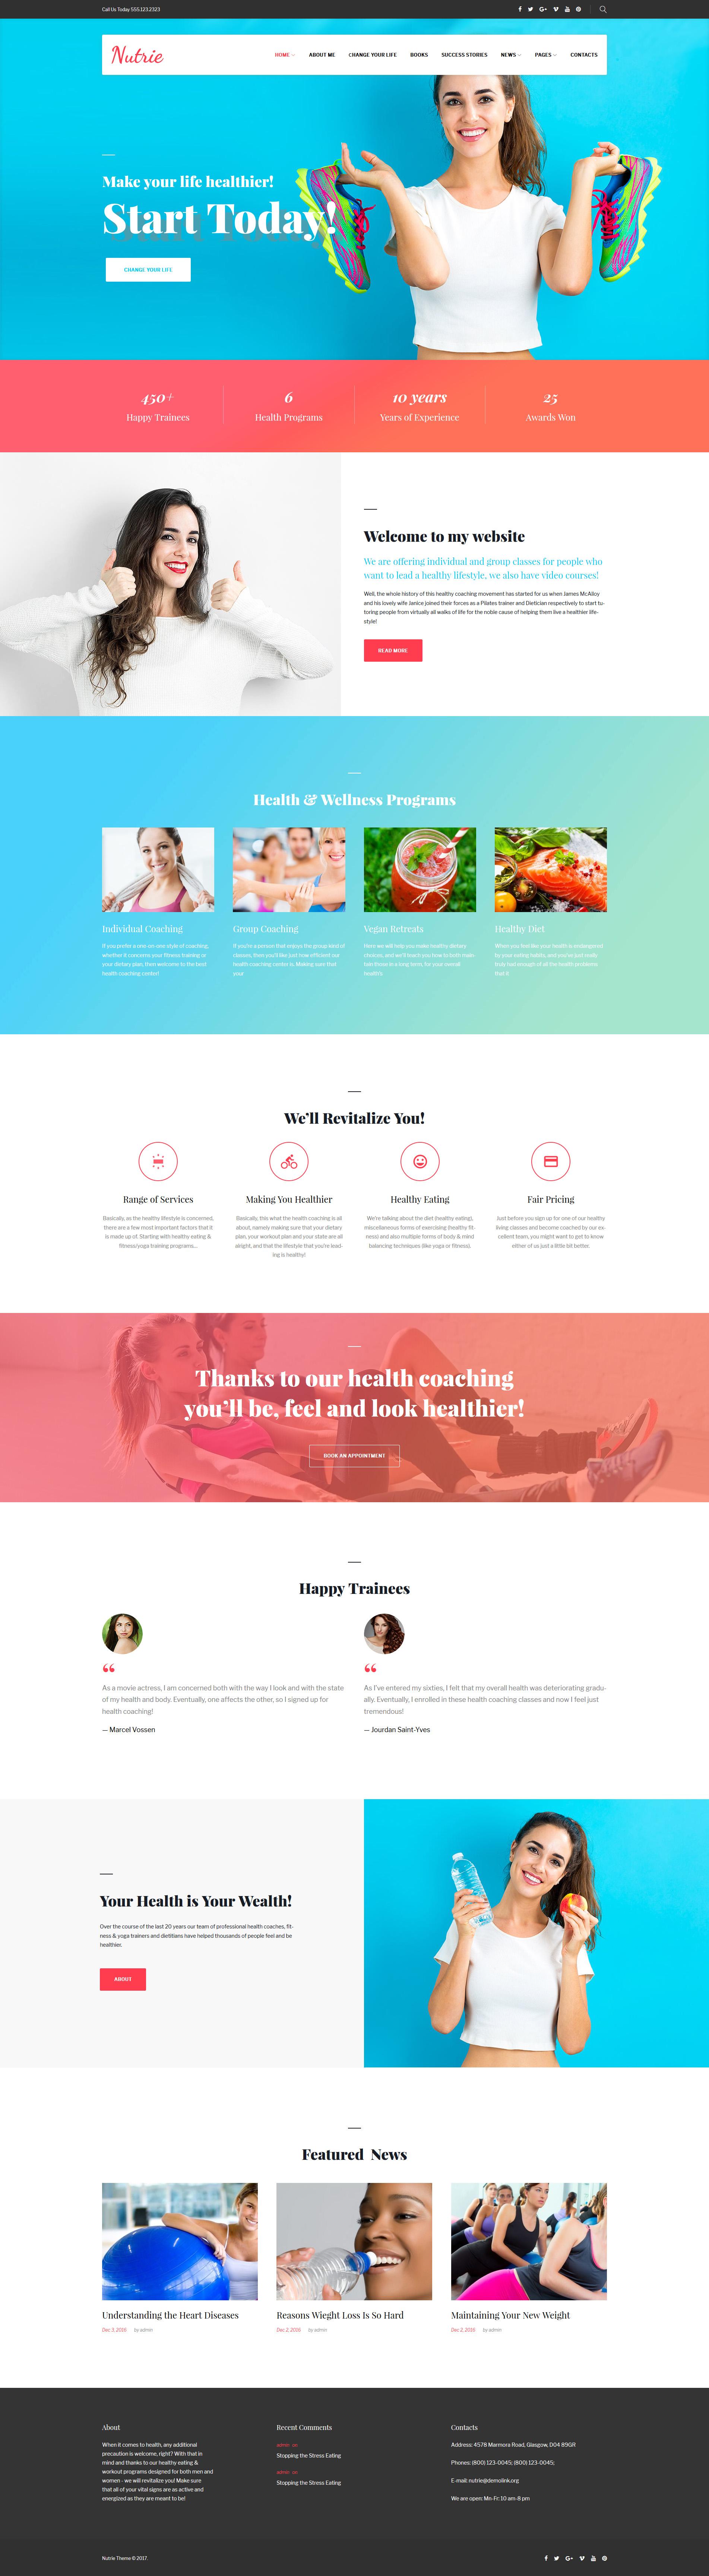 Responsywny motyw WordPress Nutrie - Health Coach #63524 - zrzut ekranu